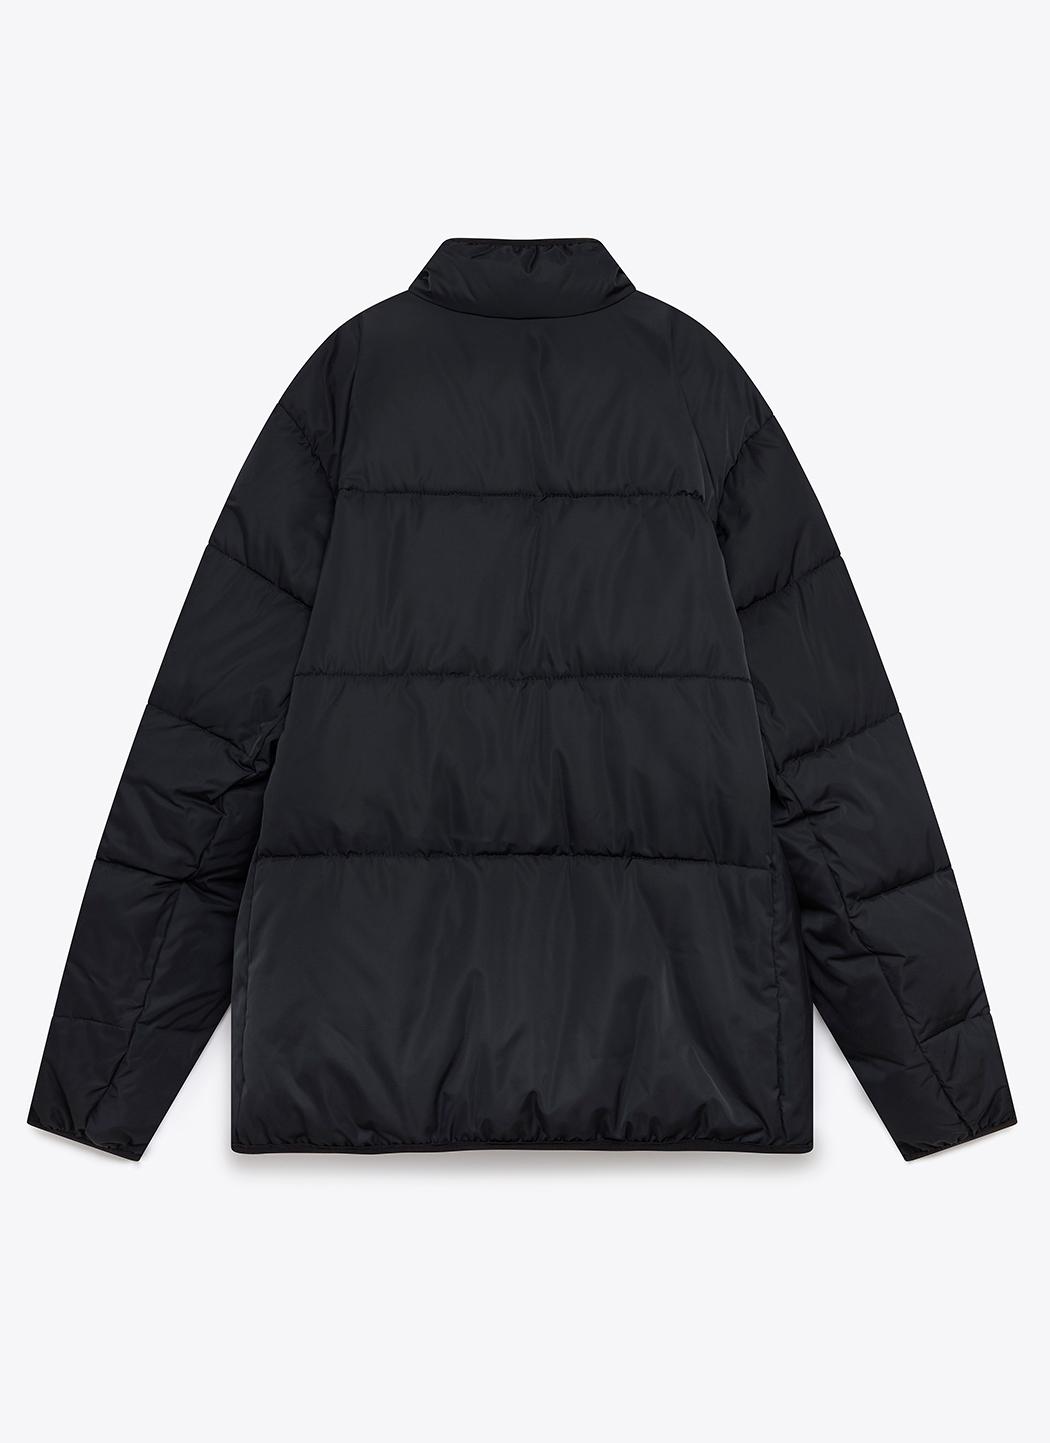 Penfield Walkabout jakke, black, small